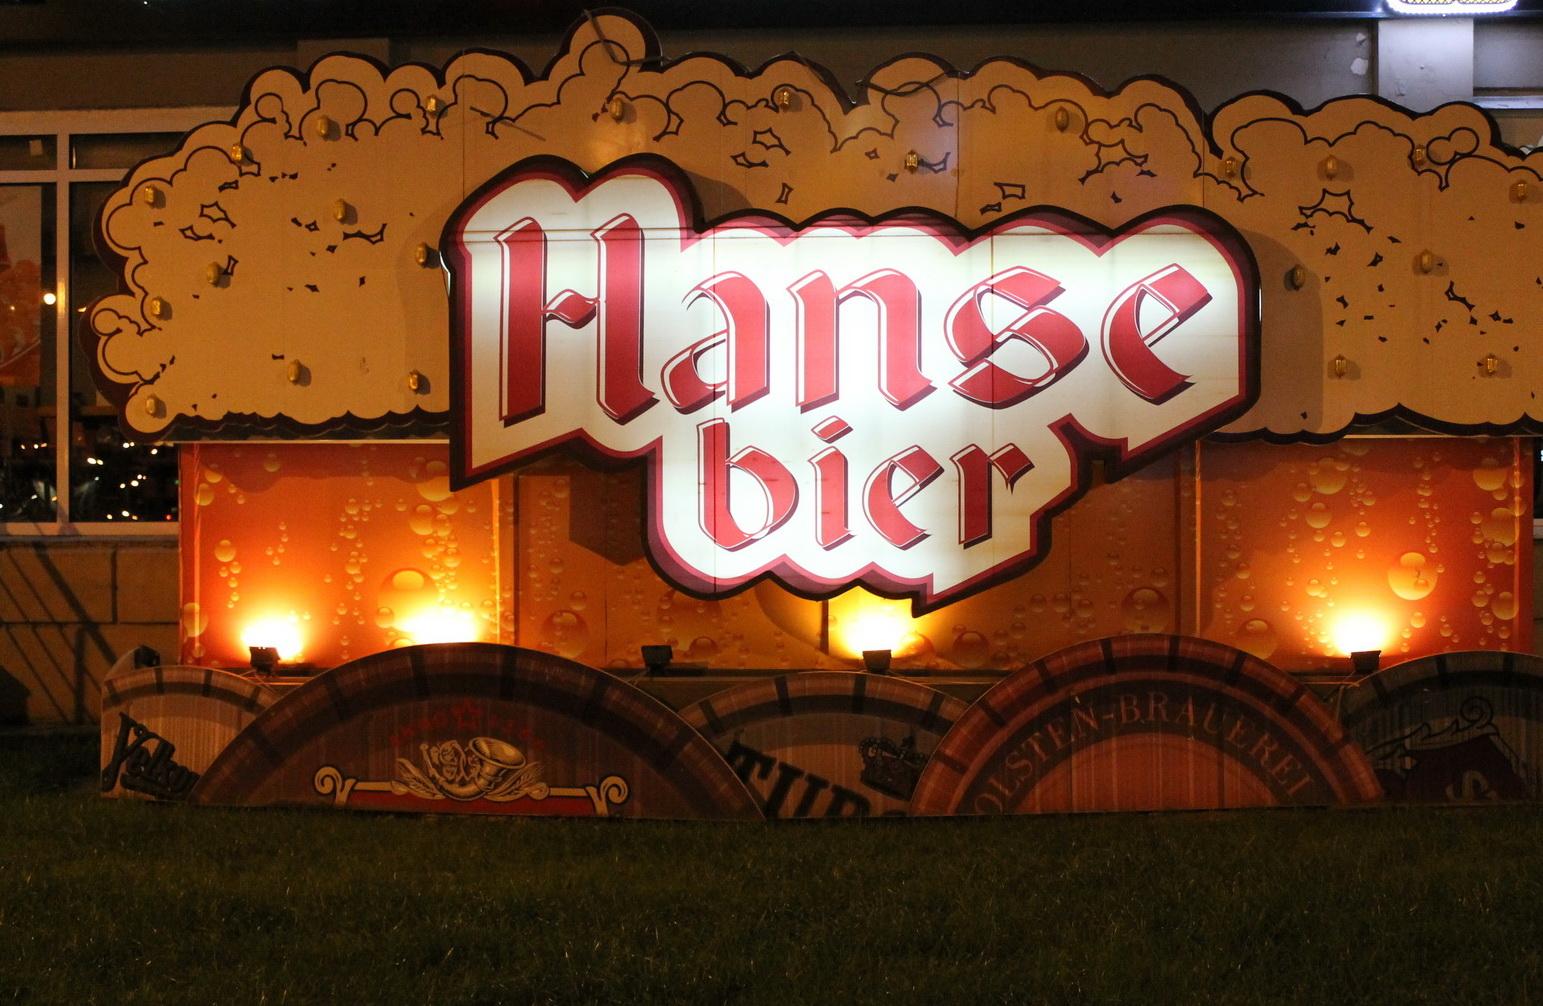 Hanse bier. Санкт-Петербург, просп. Энгельса, 139